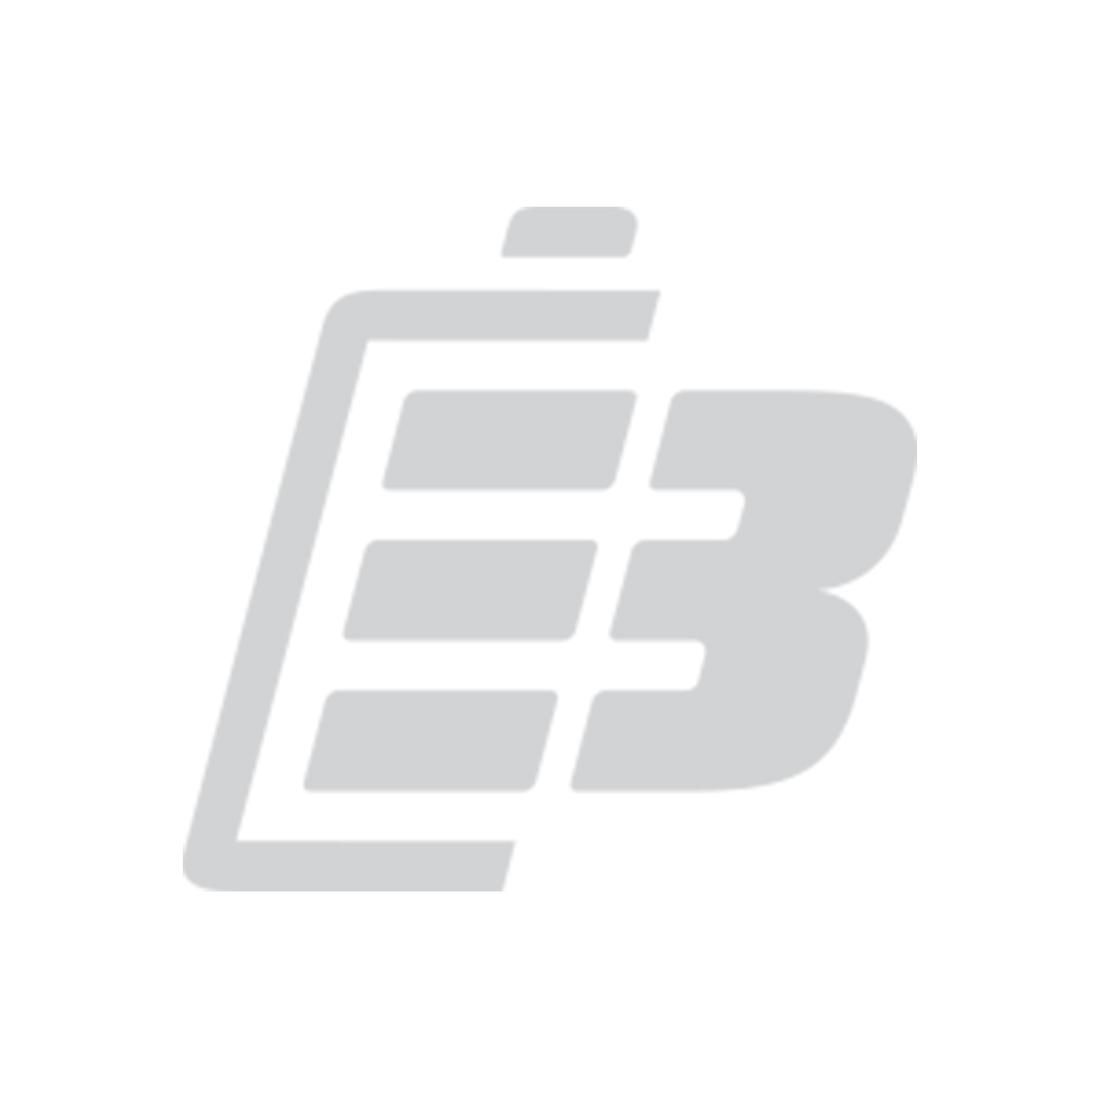 PDA battery Sharp Zaurus SL-5000_1